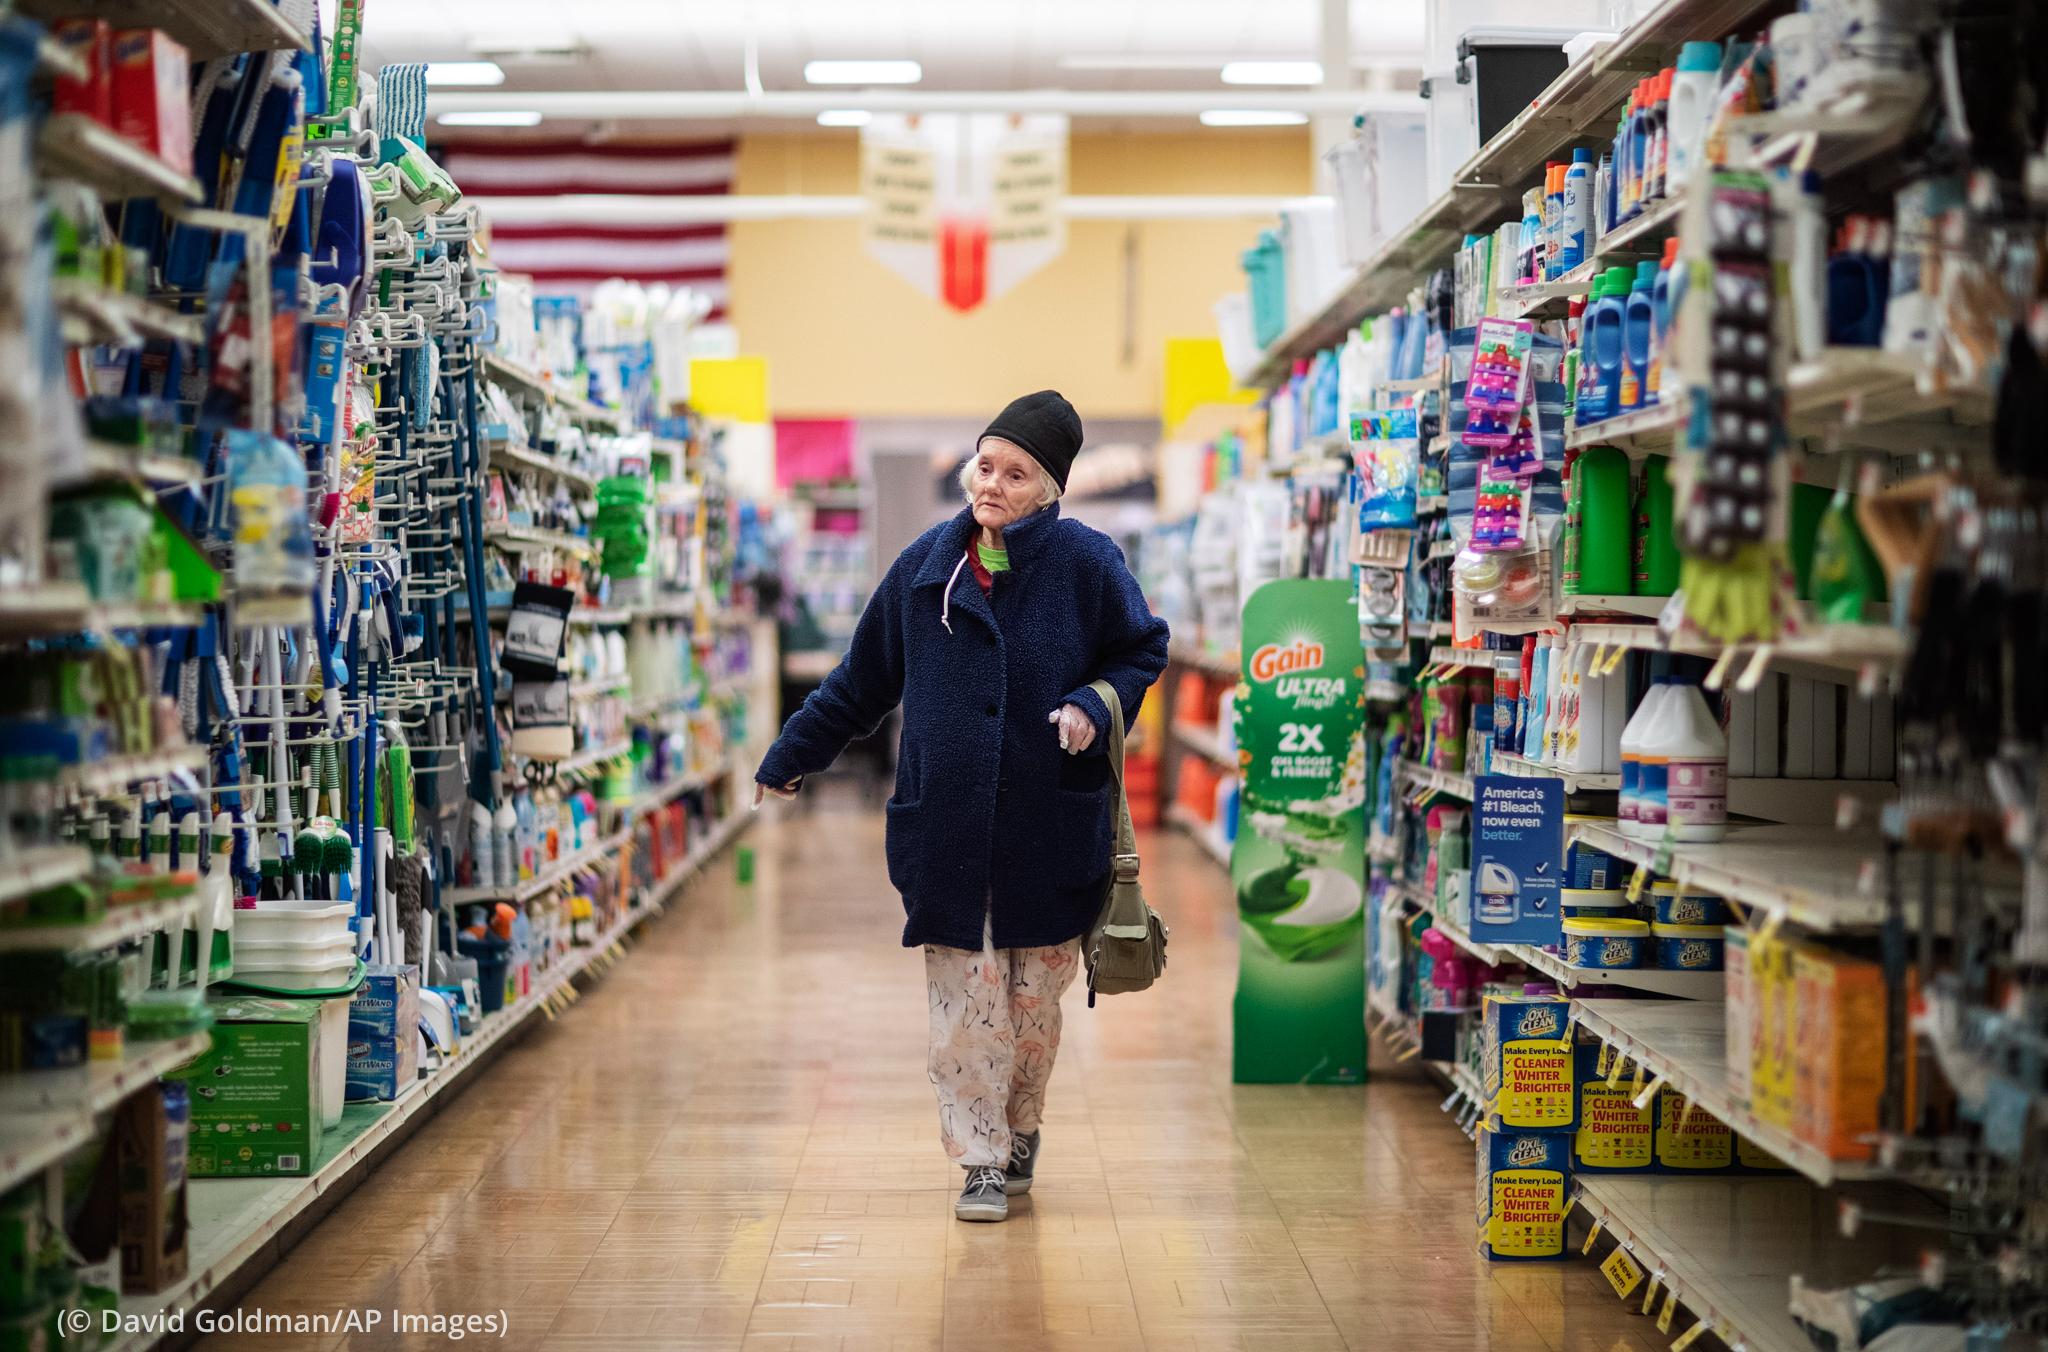 Seseorang berjalan menyusuri lorong supermarket (© David Goldman/AP Images)